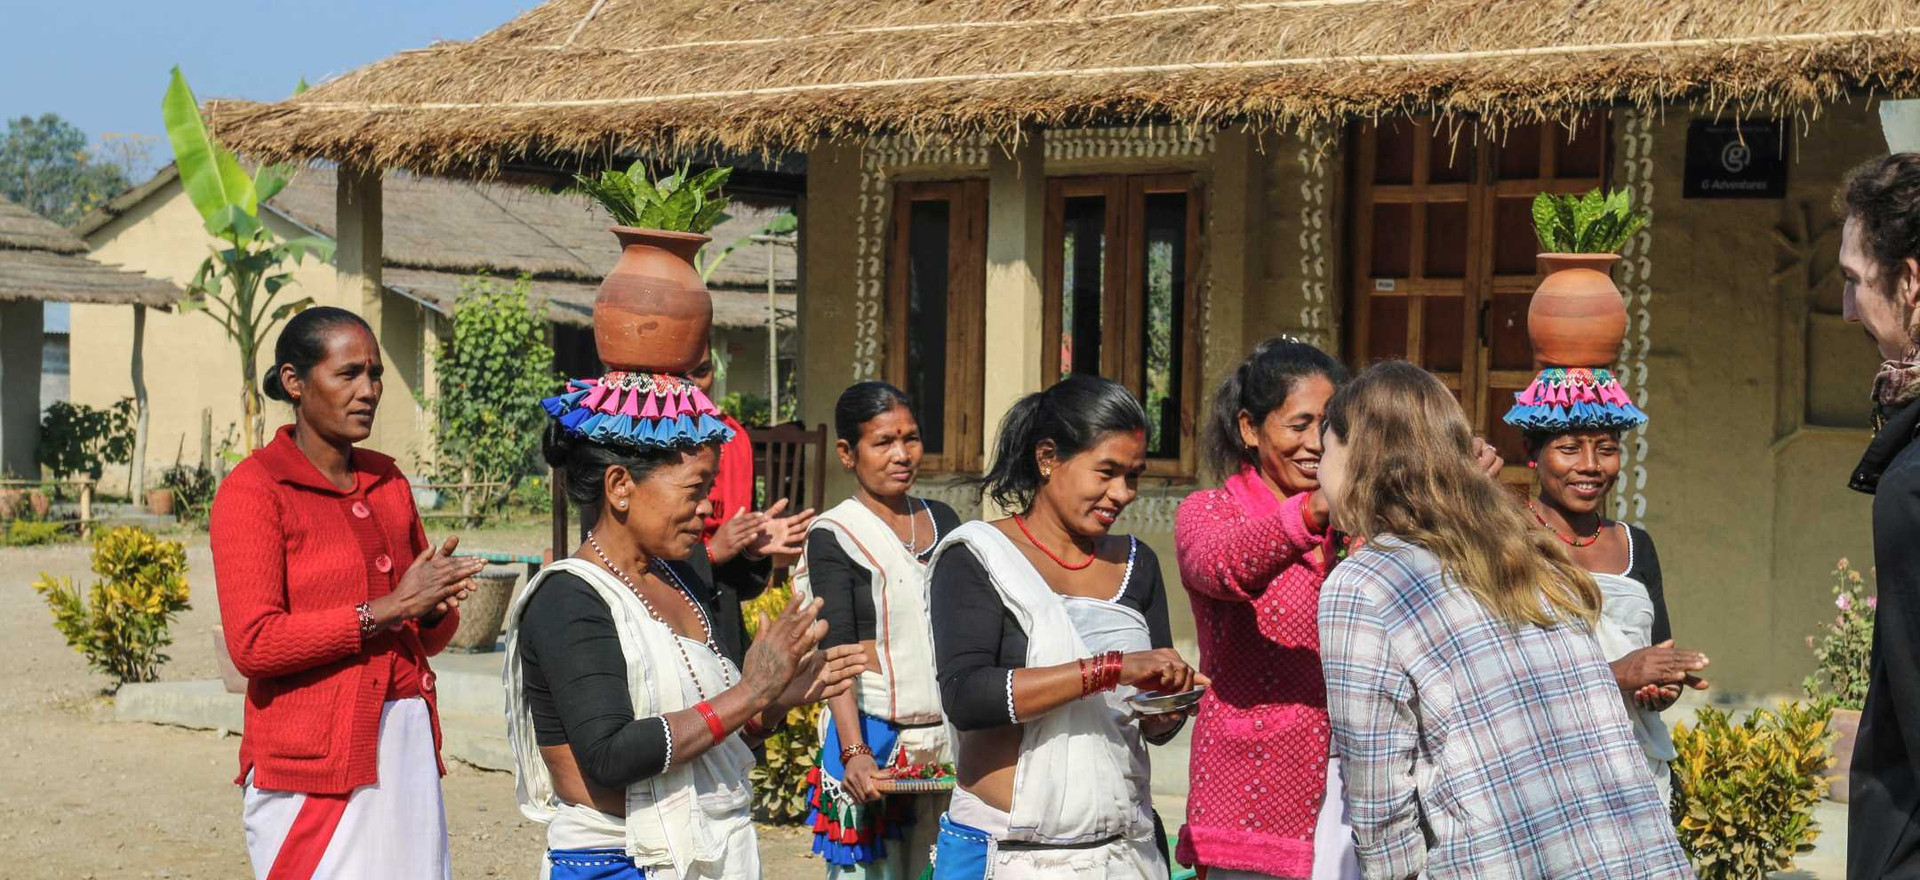 Barauli Community Homestayt - Welkom